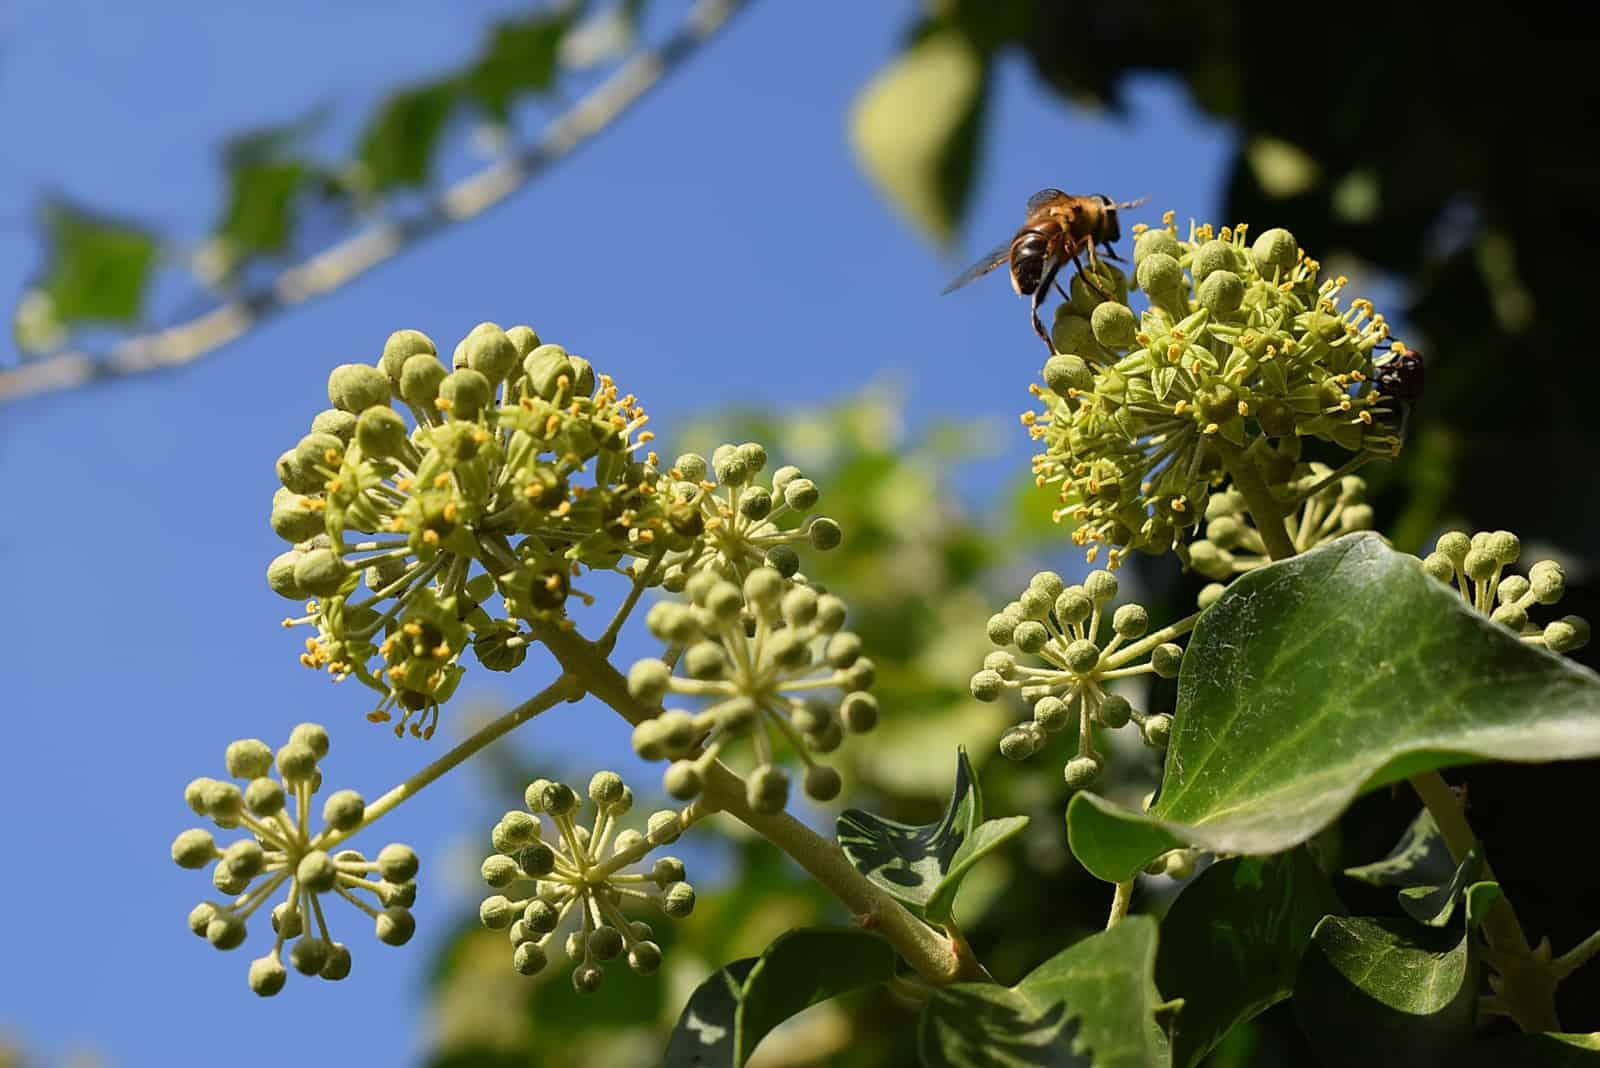 Honigbiene mit Pollen auf einer Efeublume